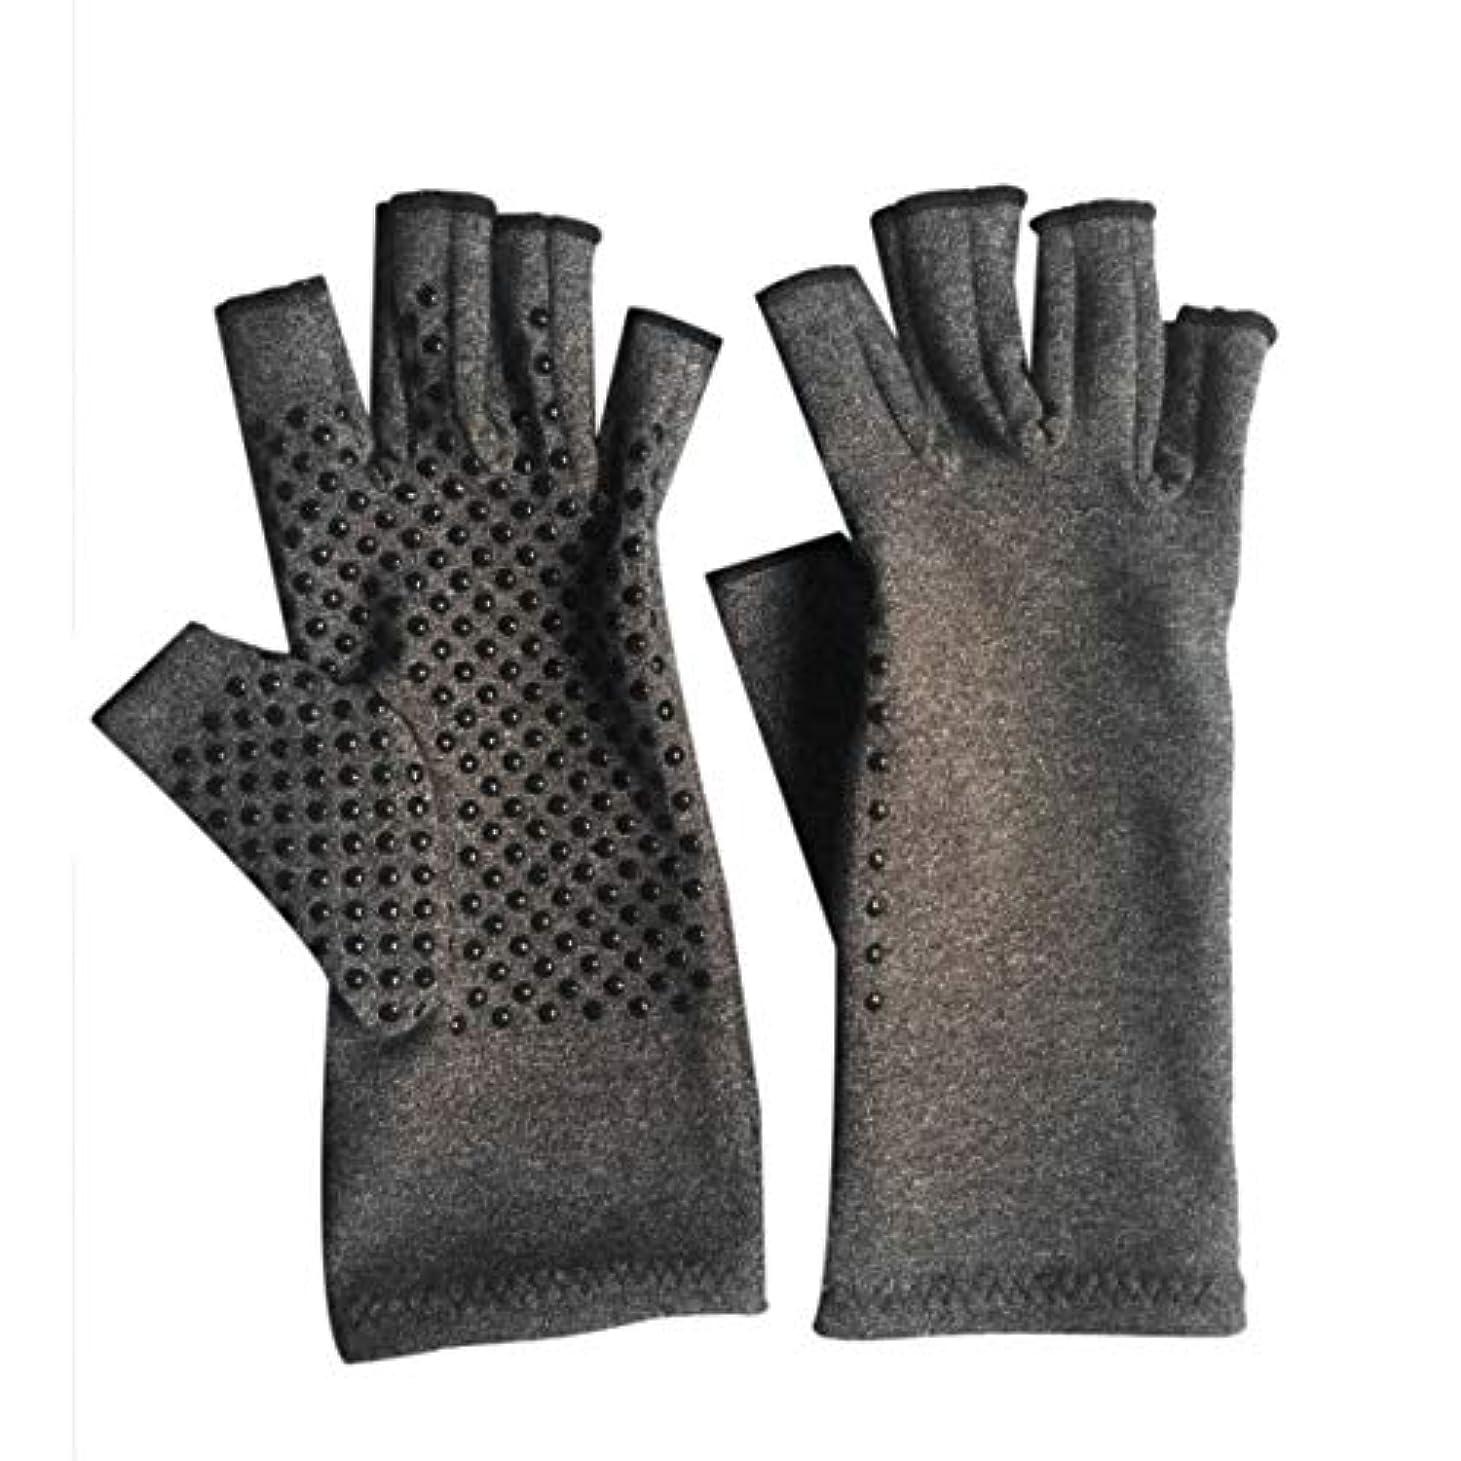 泥沼キリマンジャロドット1ペアユニセックス男性女性療法圧縮手袋関節炎関節痛緩和ヘルスケア半指手袋トレーニング手袋 - グレーM